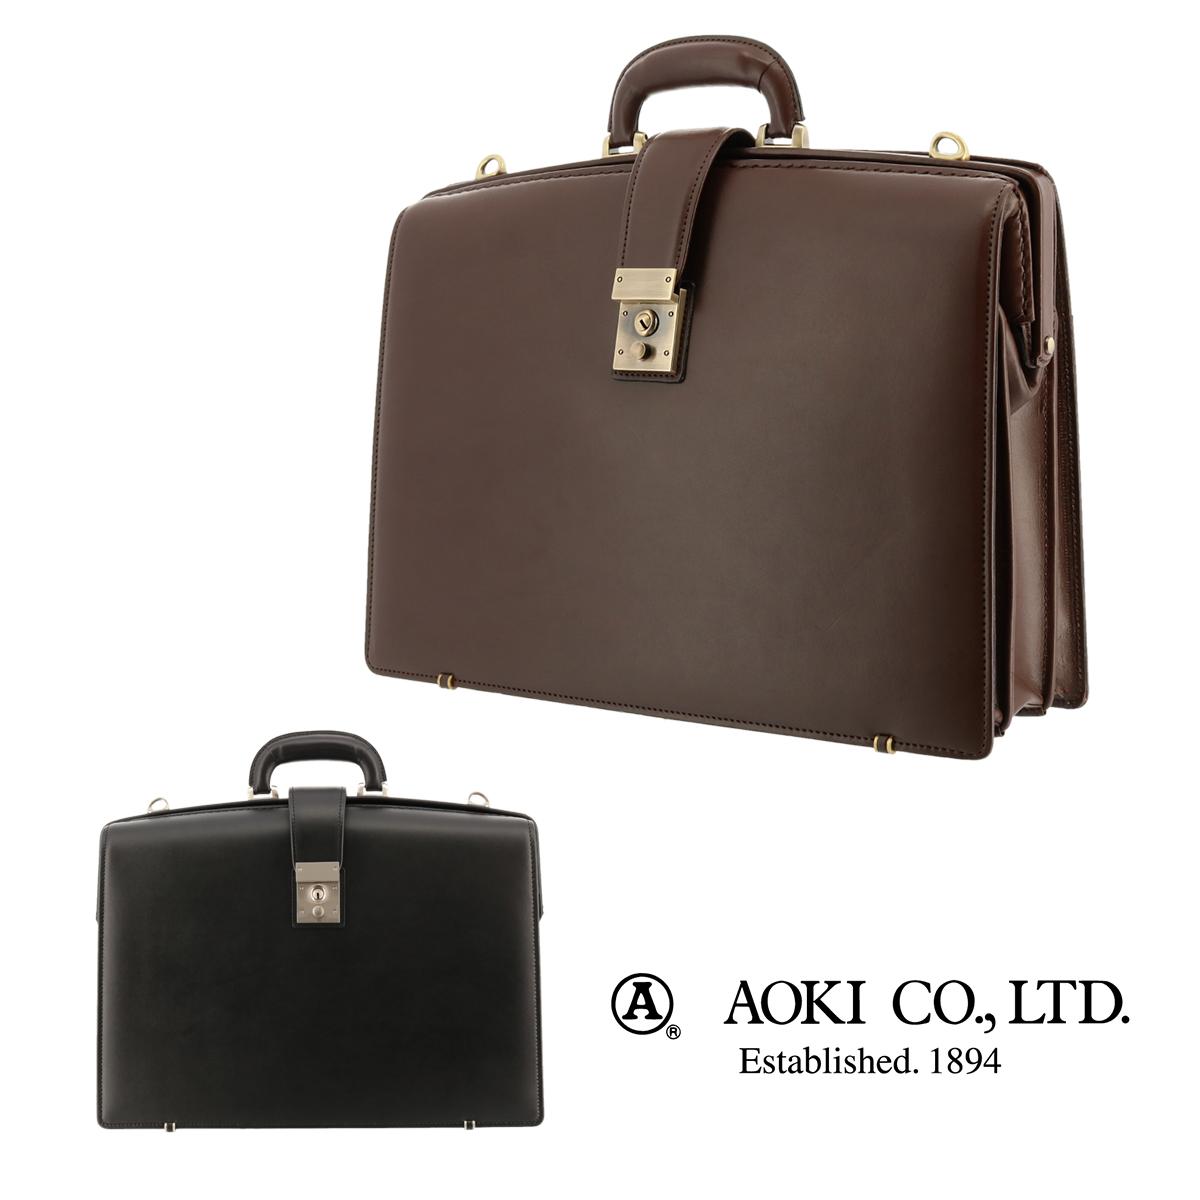 ca9c163116e3 青木鞄 ラゲージアオキ1894 Luggage AOKI 1894 ブリーフケース 2558 ジーニアス |アオキ カバン 2WAY ダレスバッグ  メンズ レザー[bef][PO10] ビジネスバッグ-ビジネス ...